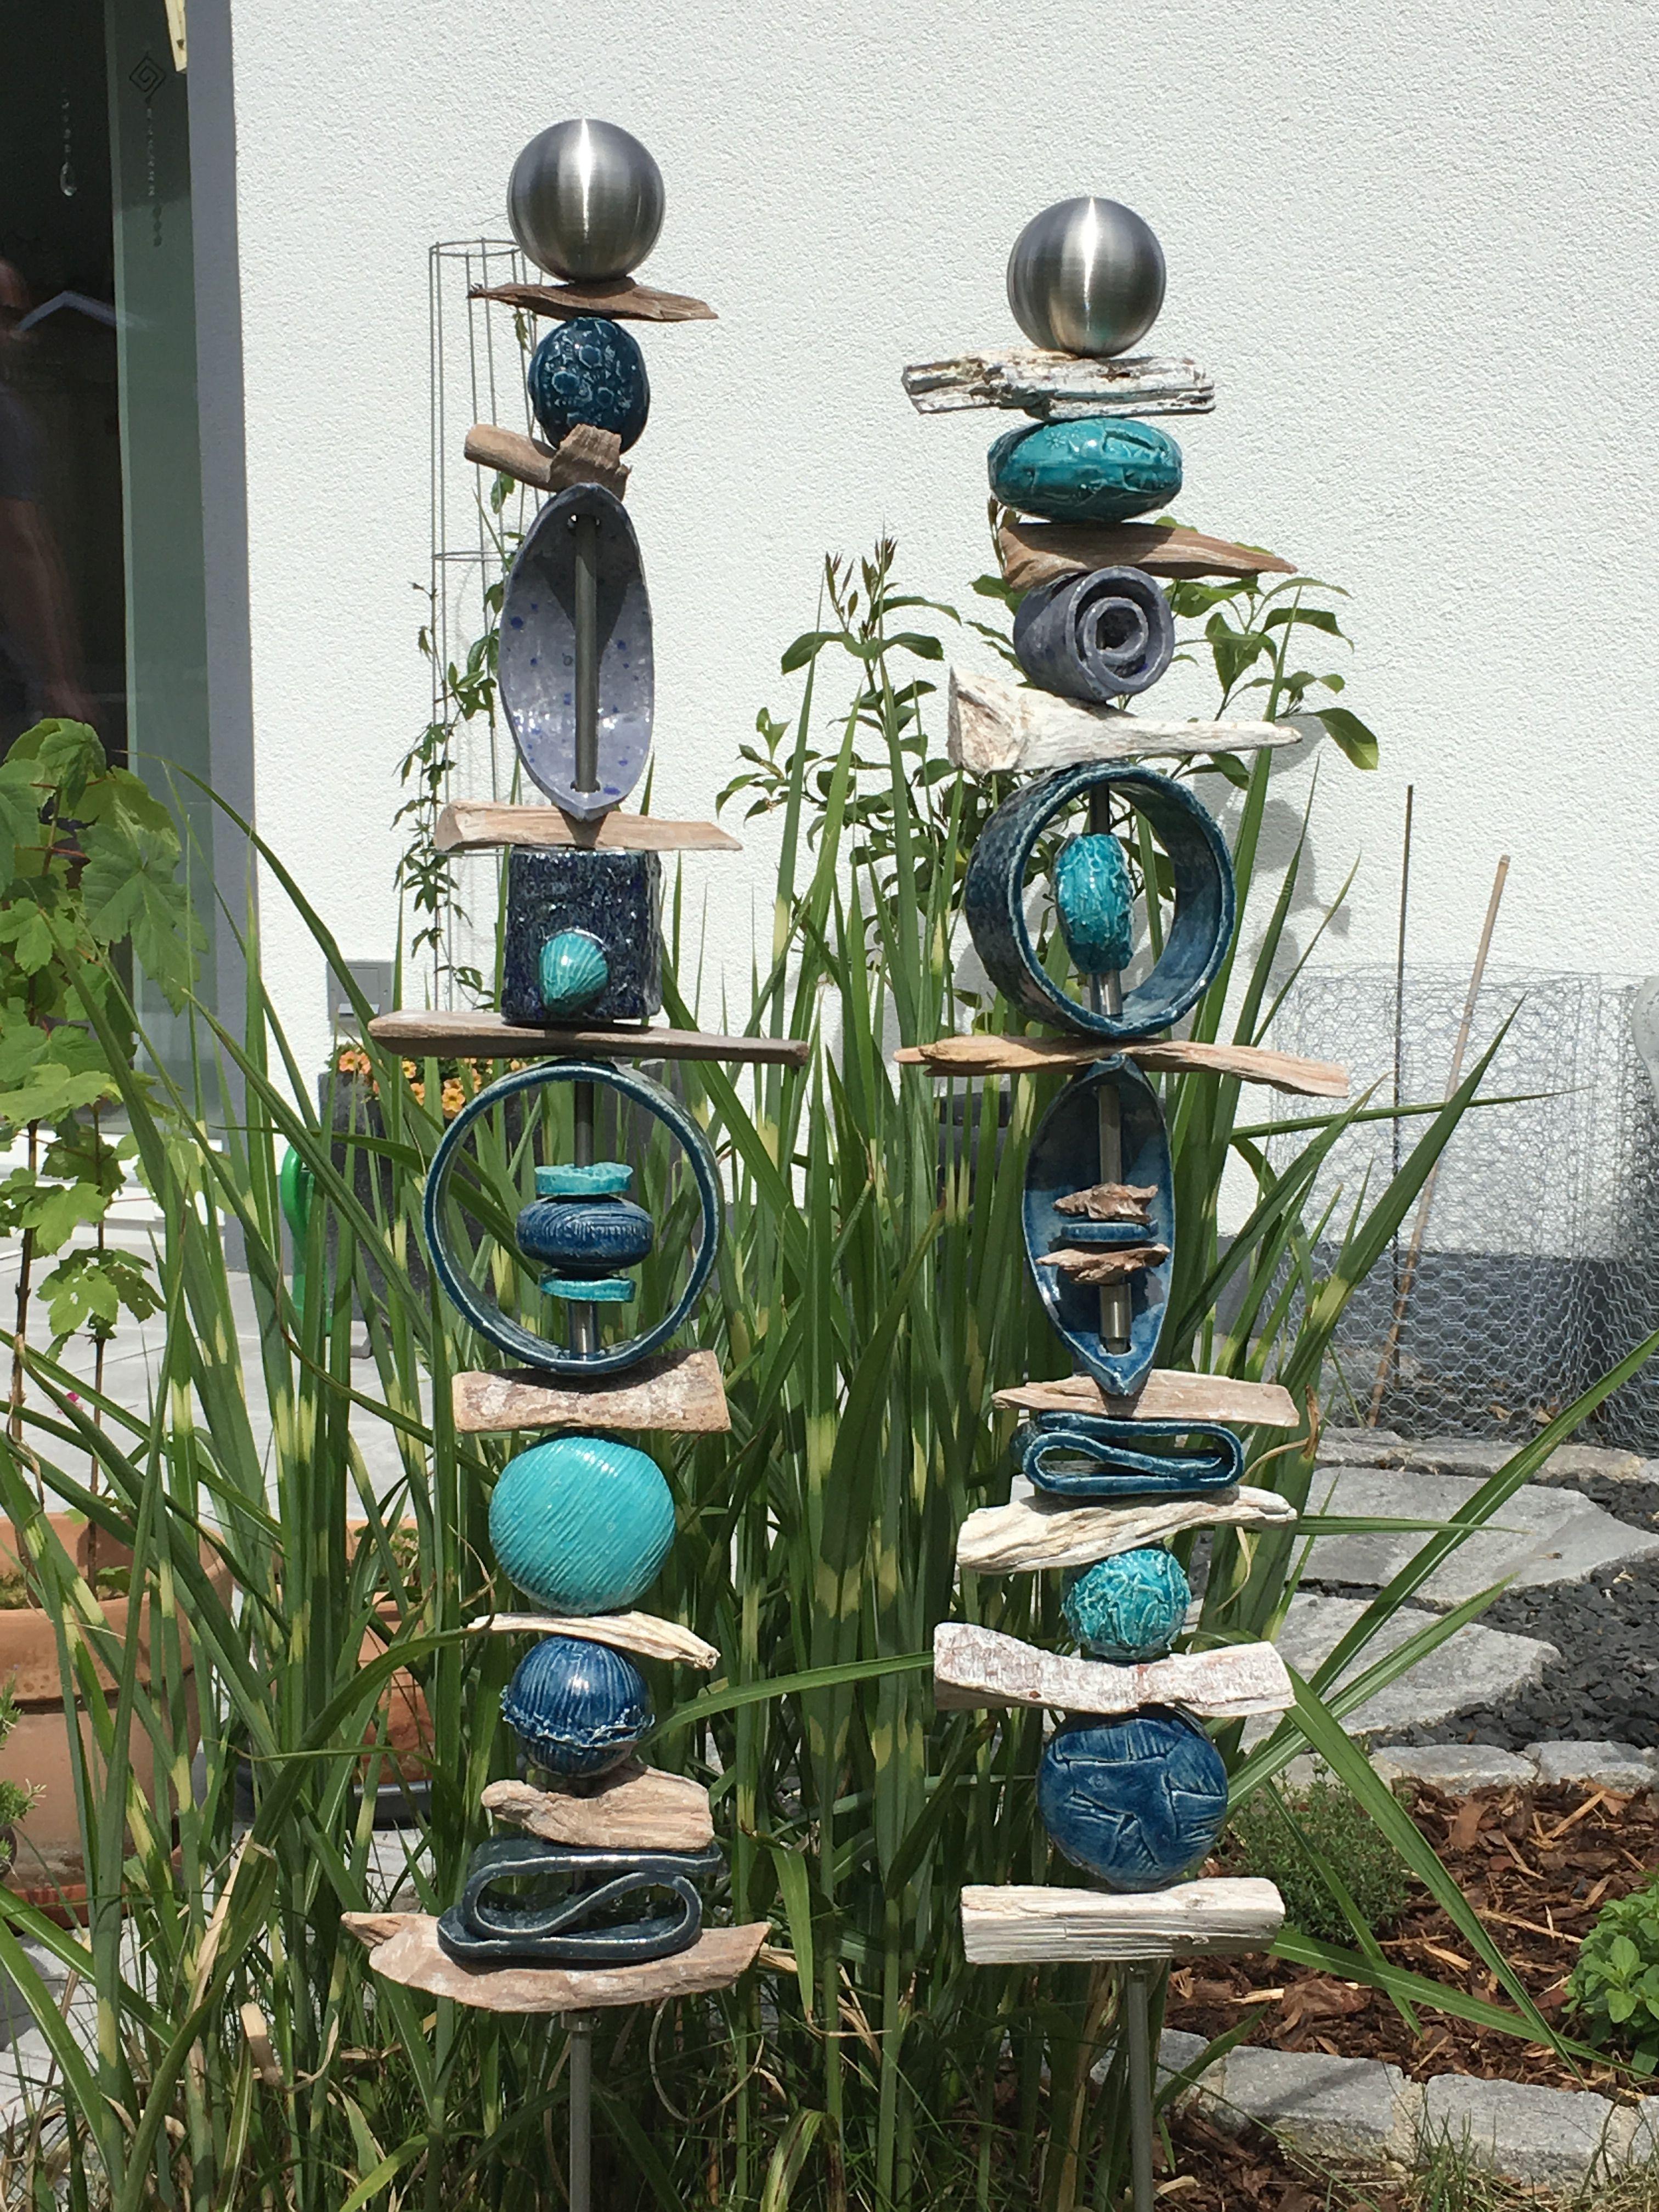 Steelen Fur Den Garten Maritimedeko Hof Kunst Stehlen Garten Gartenskulptur